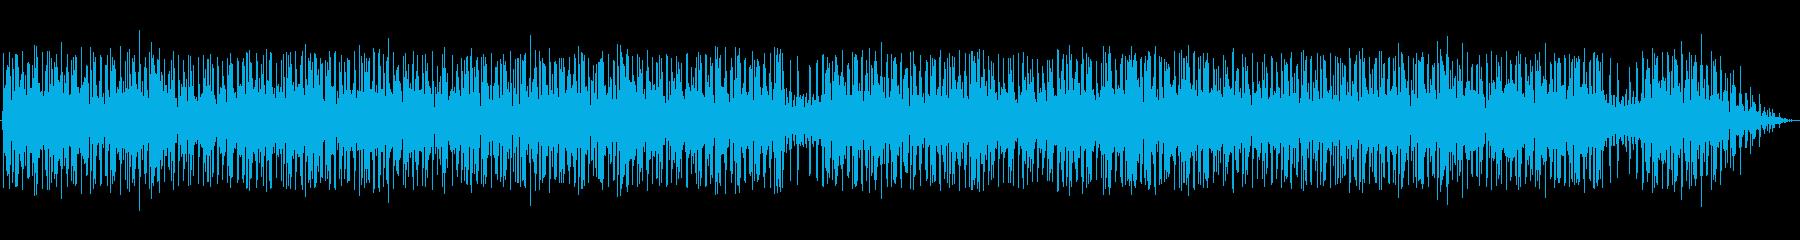 実験的。遠いリズム。ピアノプレゼント。の再生済みの波形